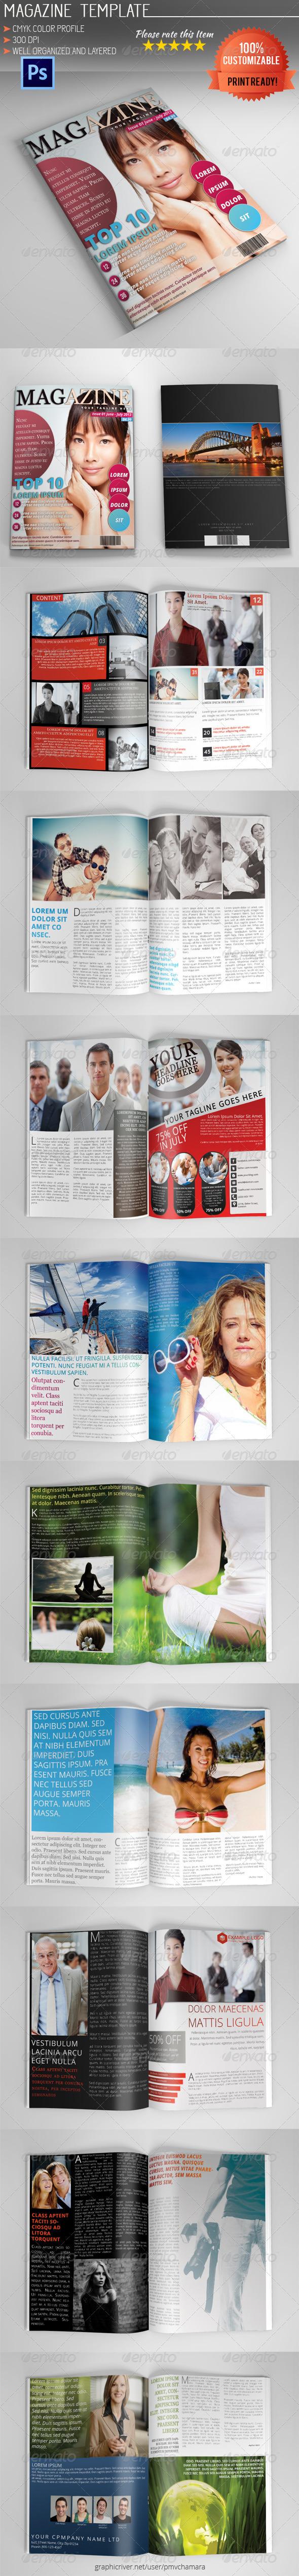 GraphicRiver Magazine Template Vol.2 5234591